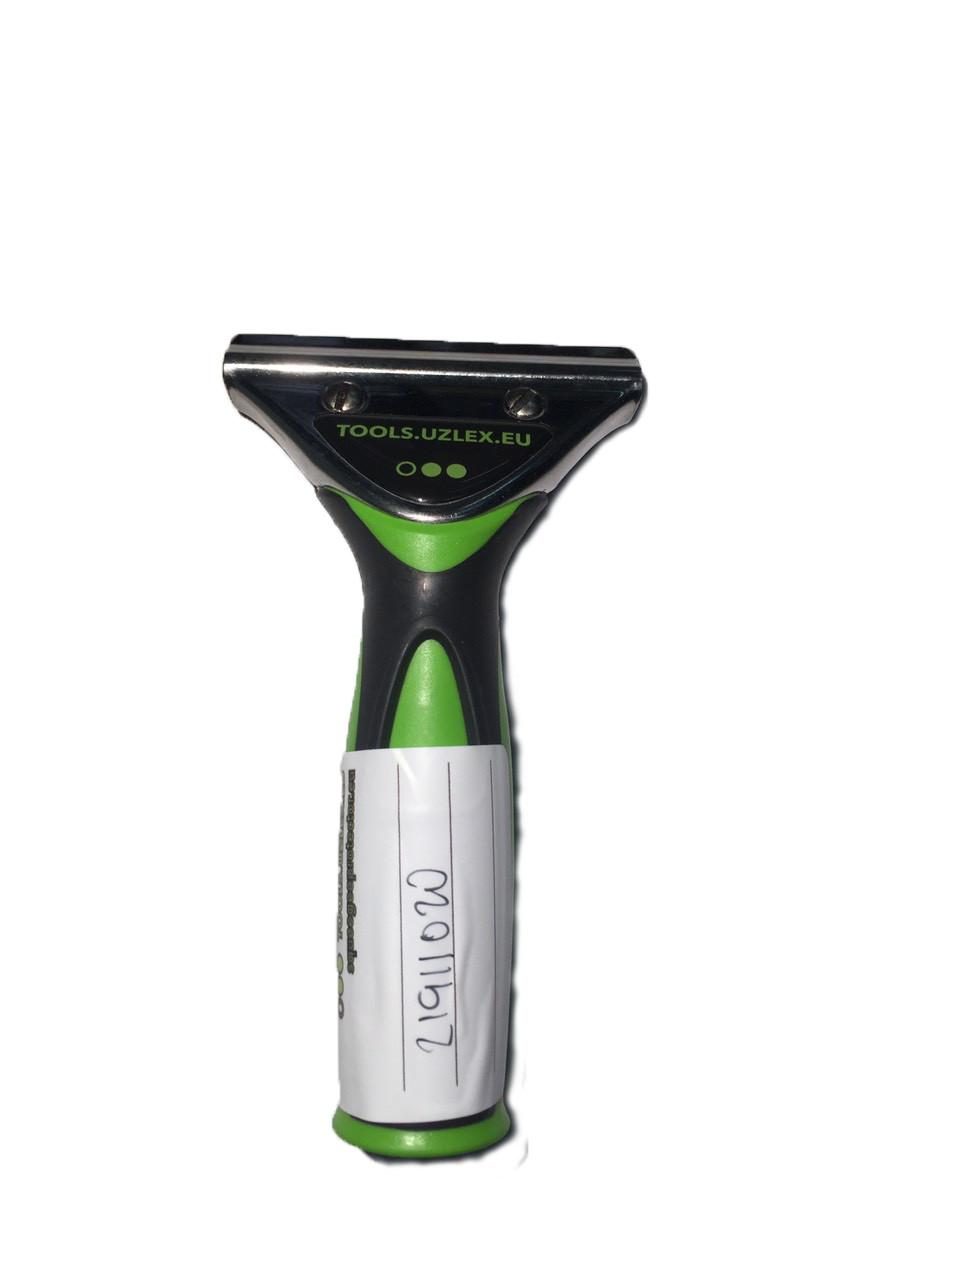 21911020 Держатель для полиуританового скребка - Handle for PU blades- Uzlex, green